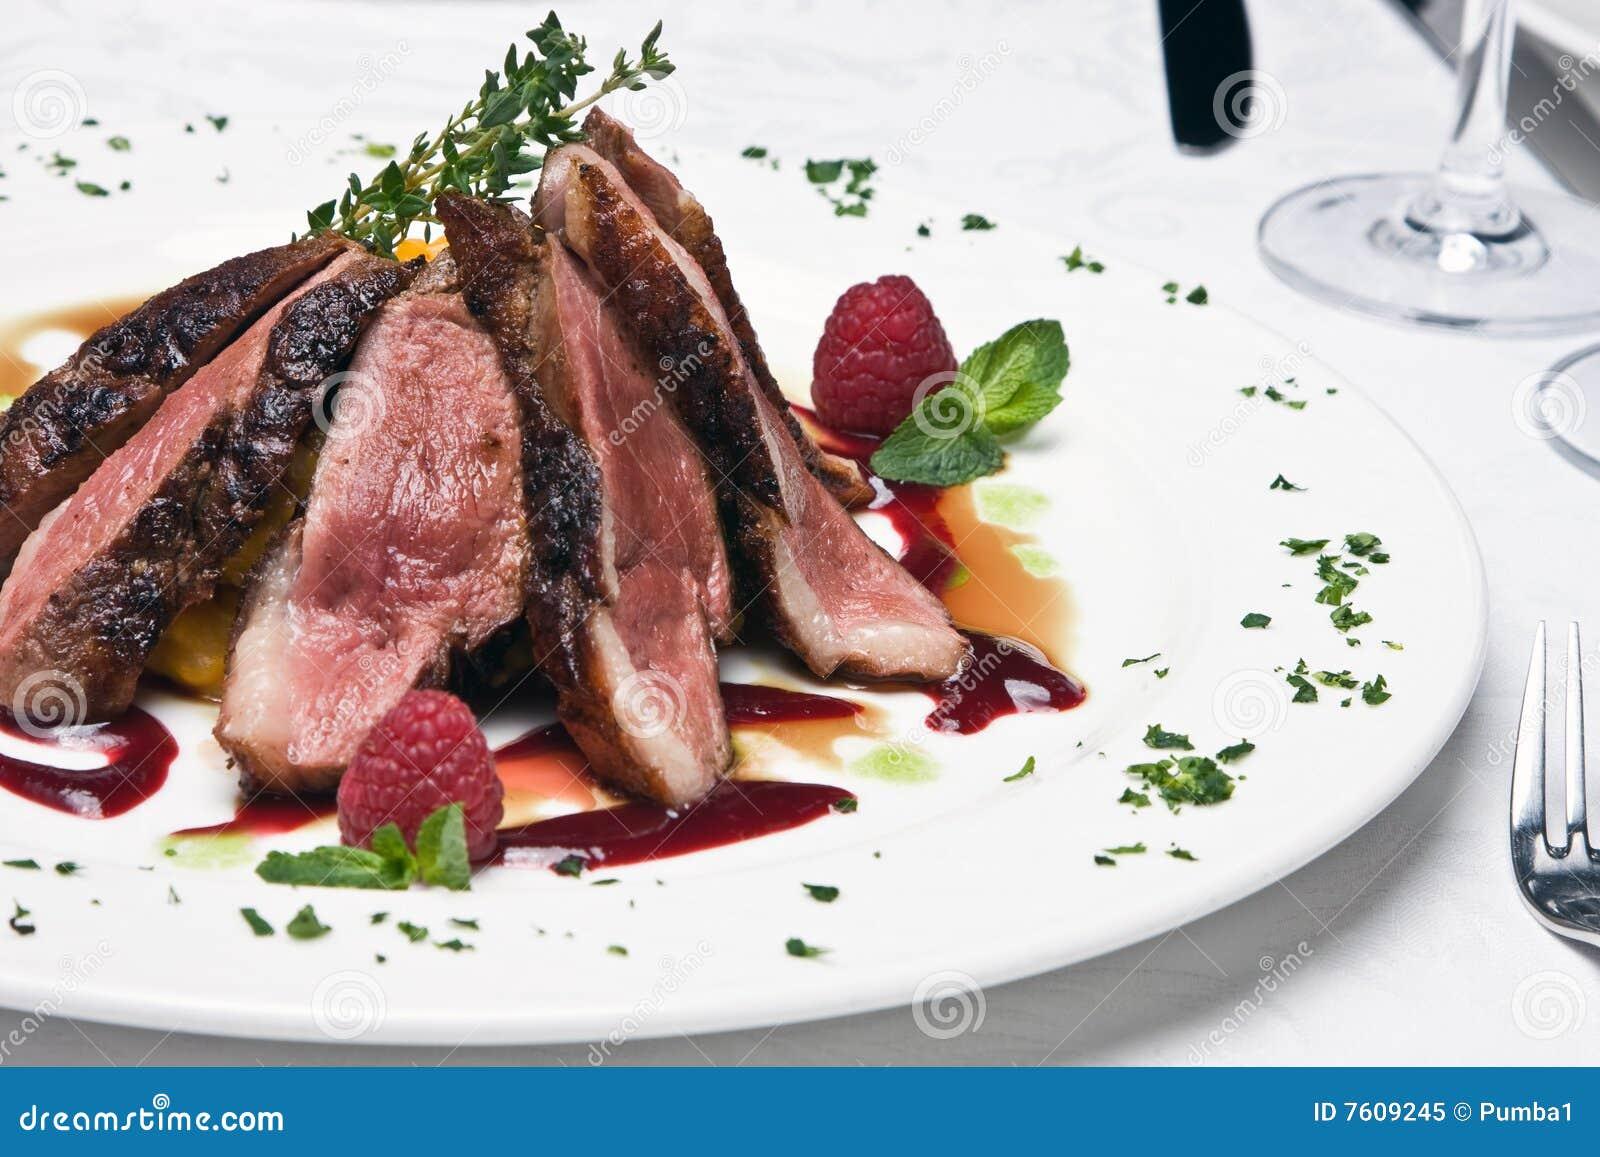 牛肉盘肉片式